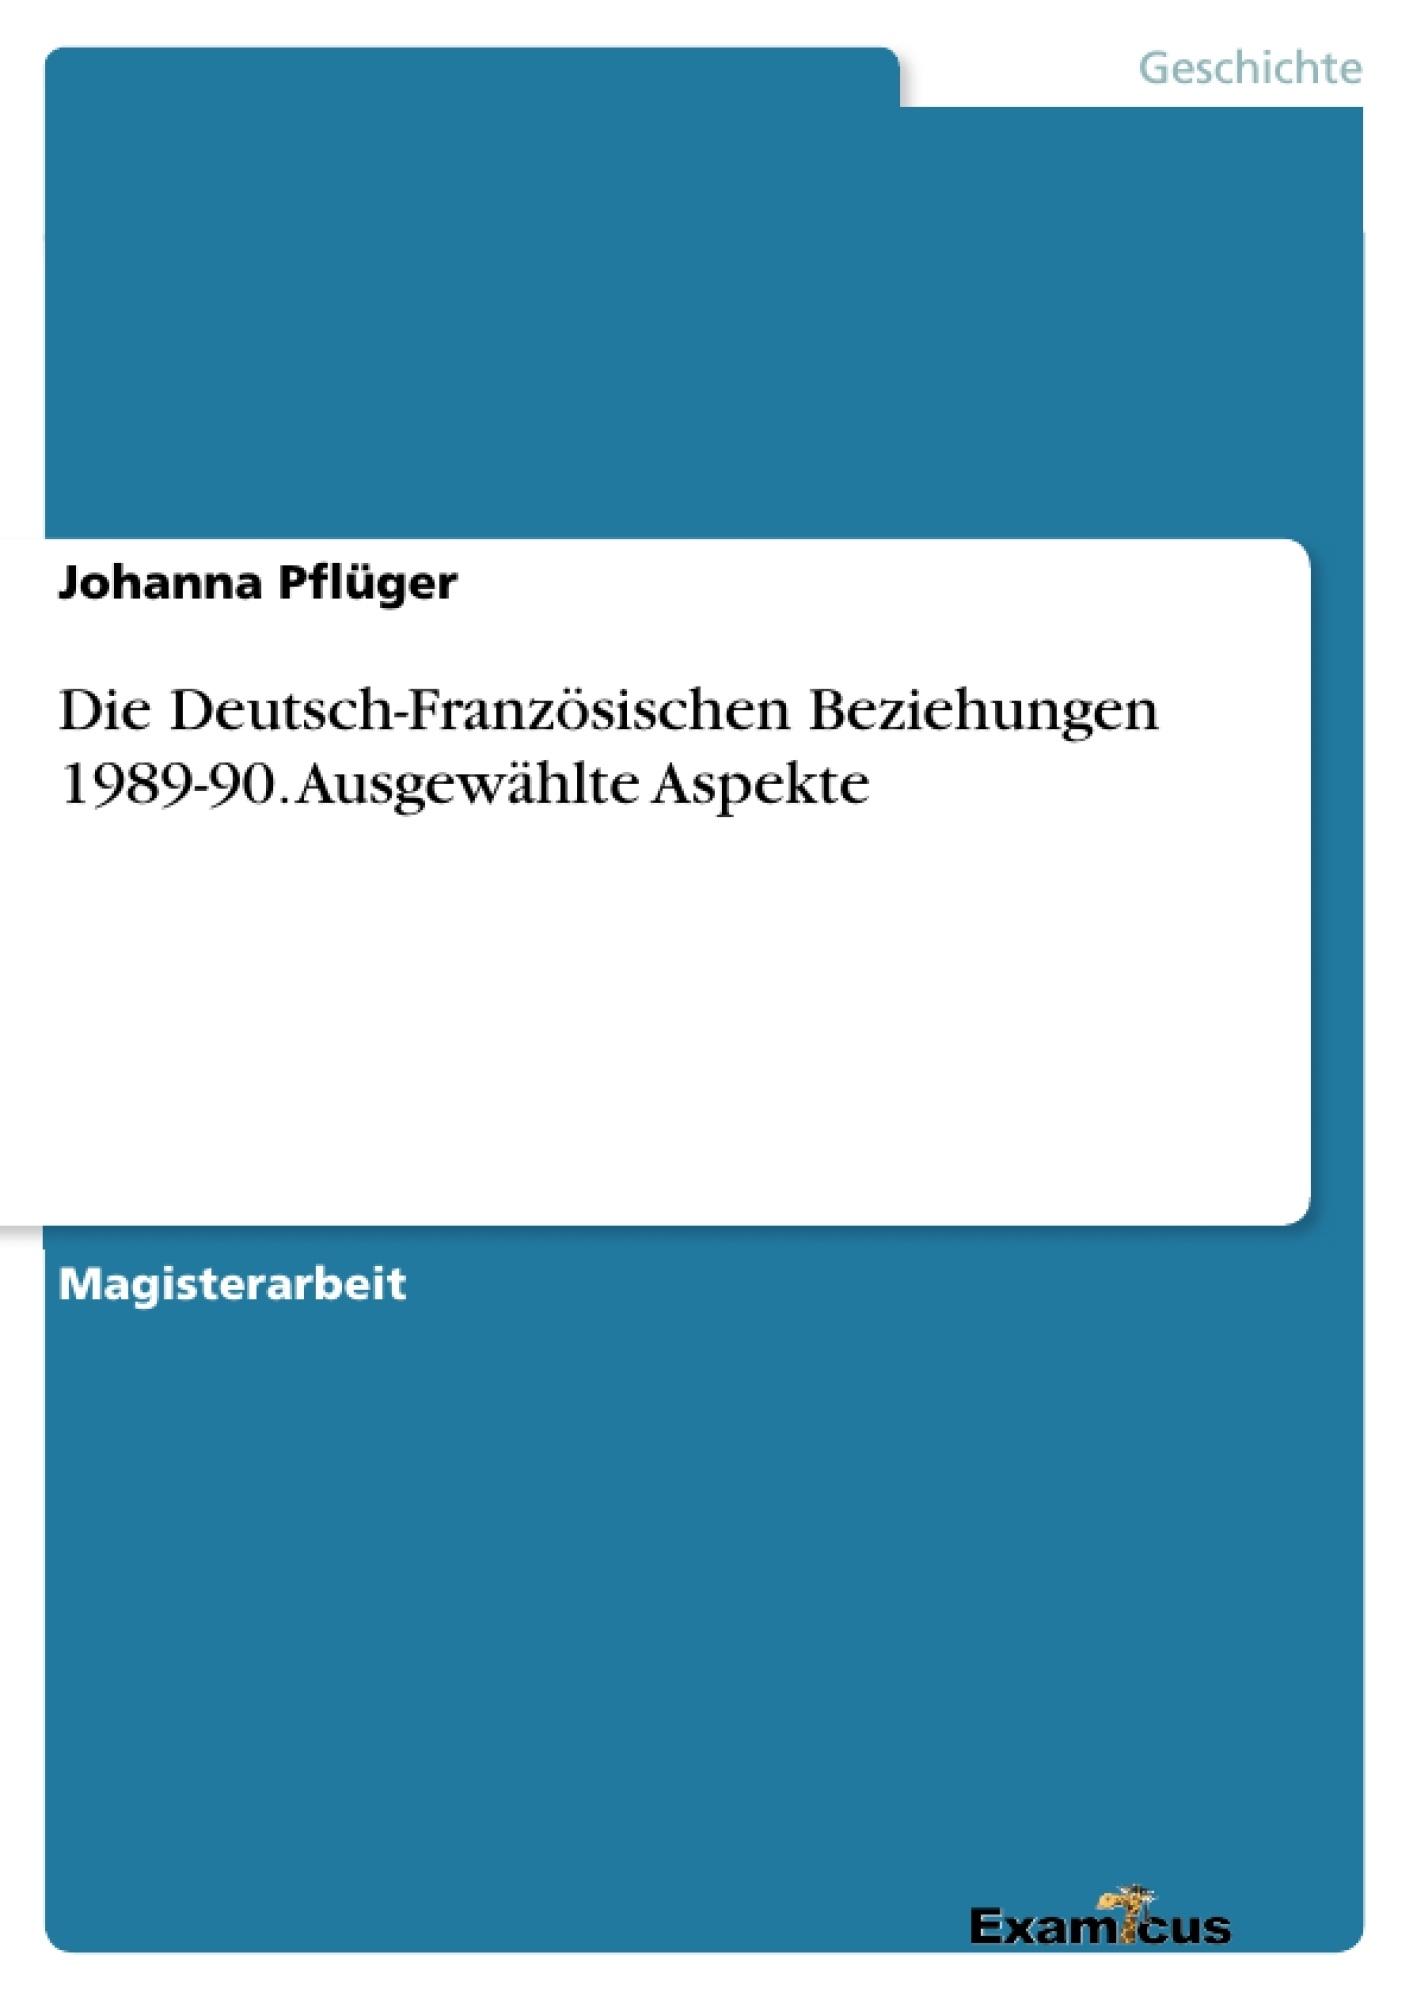 Titel: Die Deutsch-Französischen Beziehungen 1989-90. Ausgewählte Aspekte